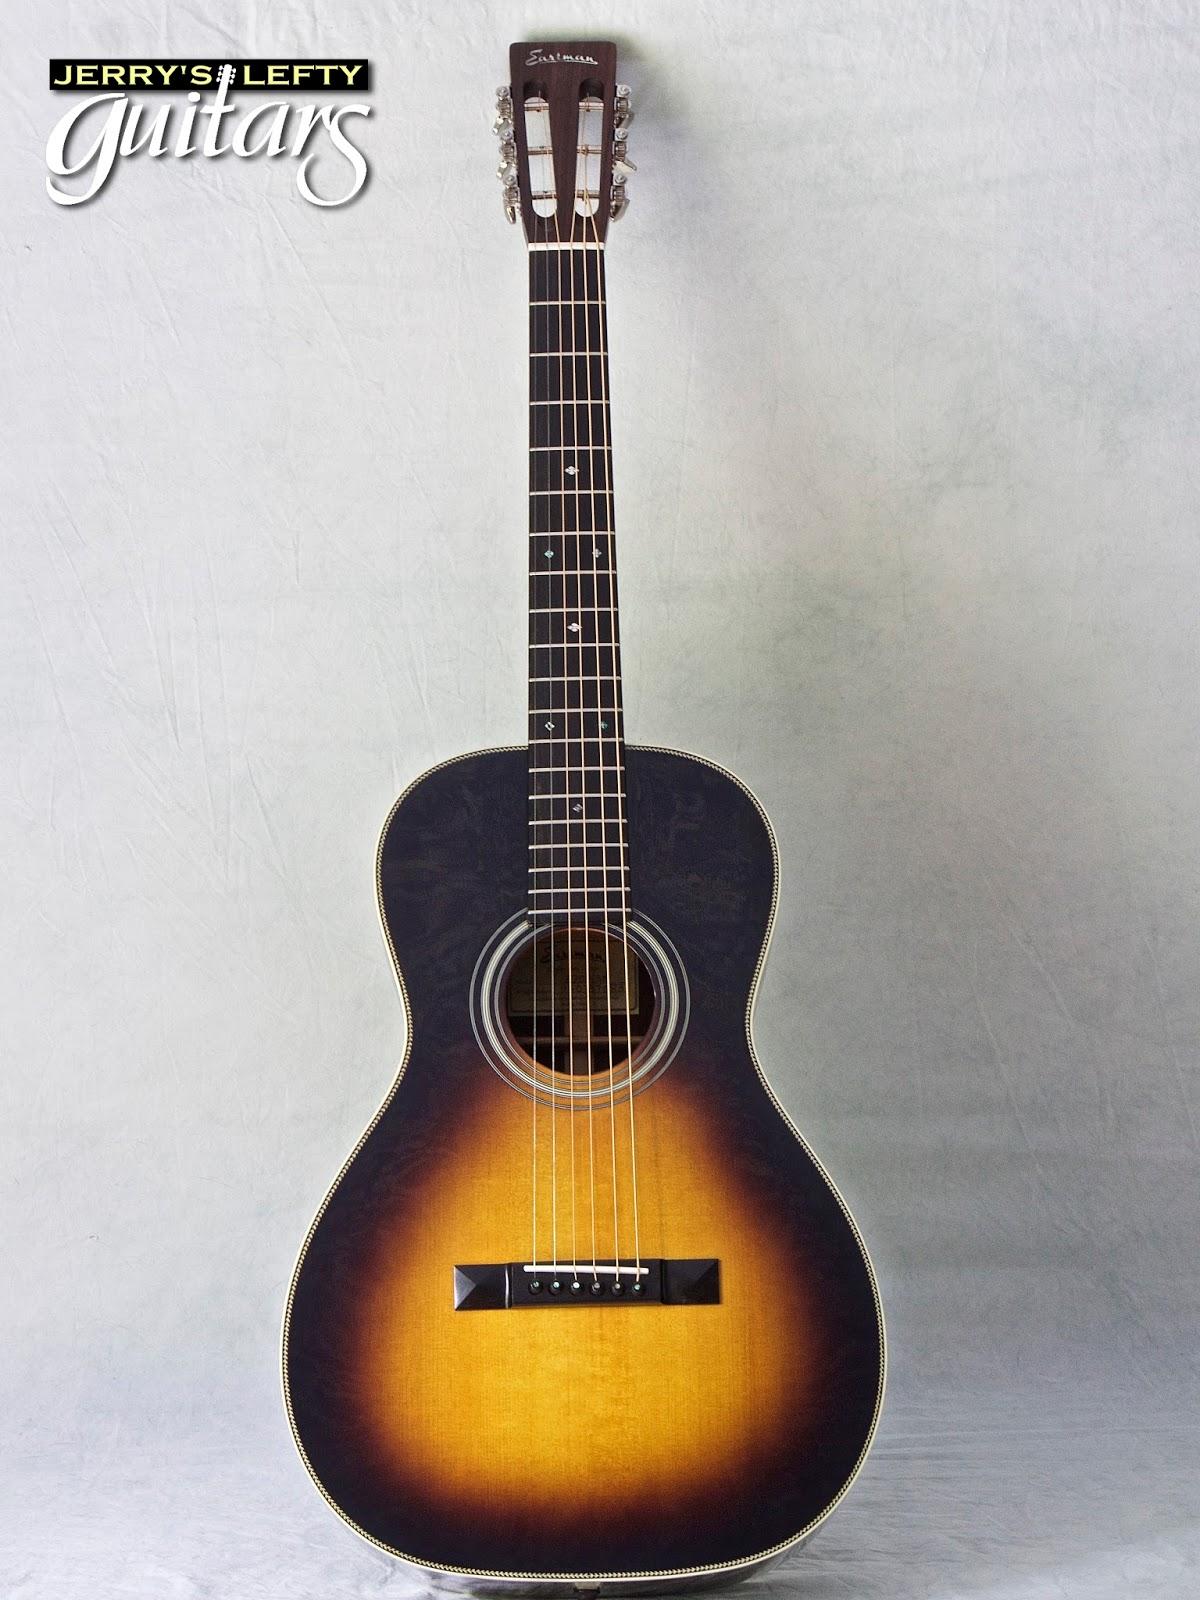 jerry 39 s lefty guitars newest guitar arrivals updated weekly eastman e20p sunburst left handed. Black Bedroom Furniture Sets. Home Design Ideas